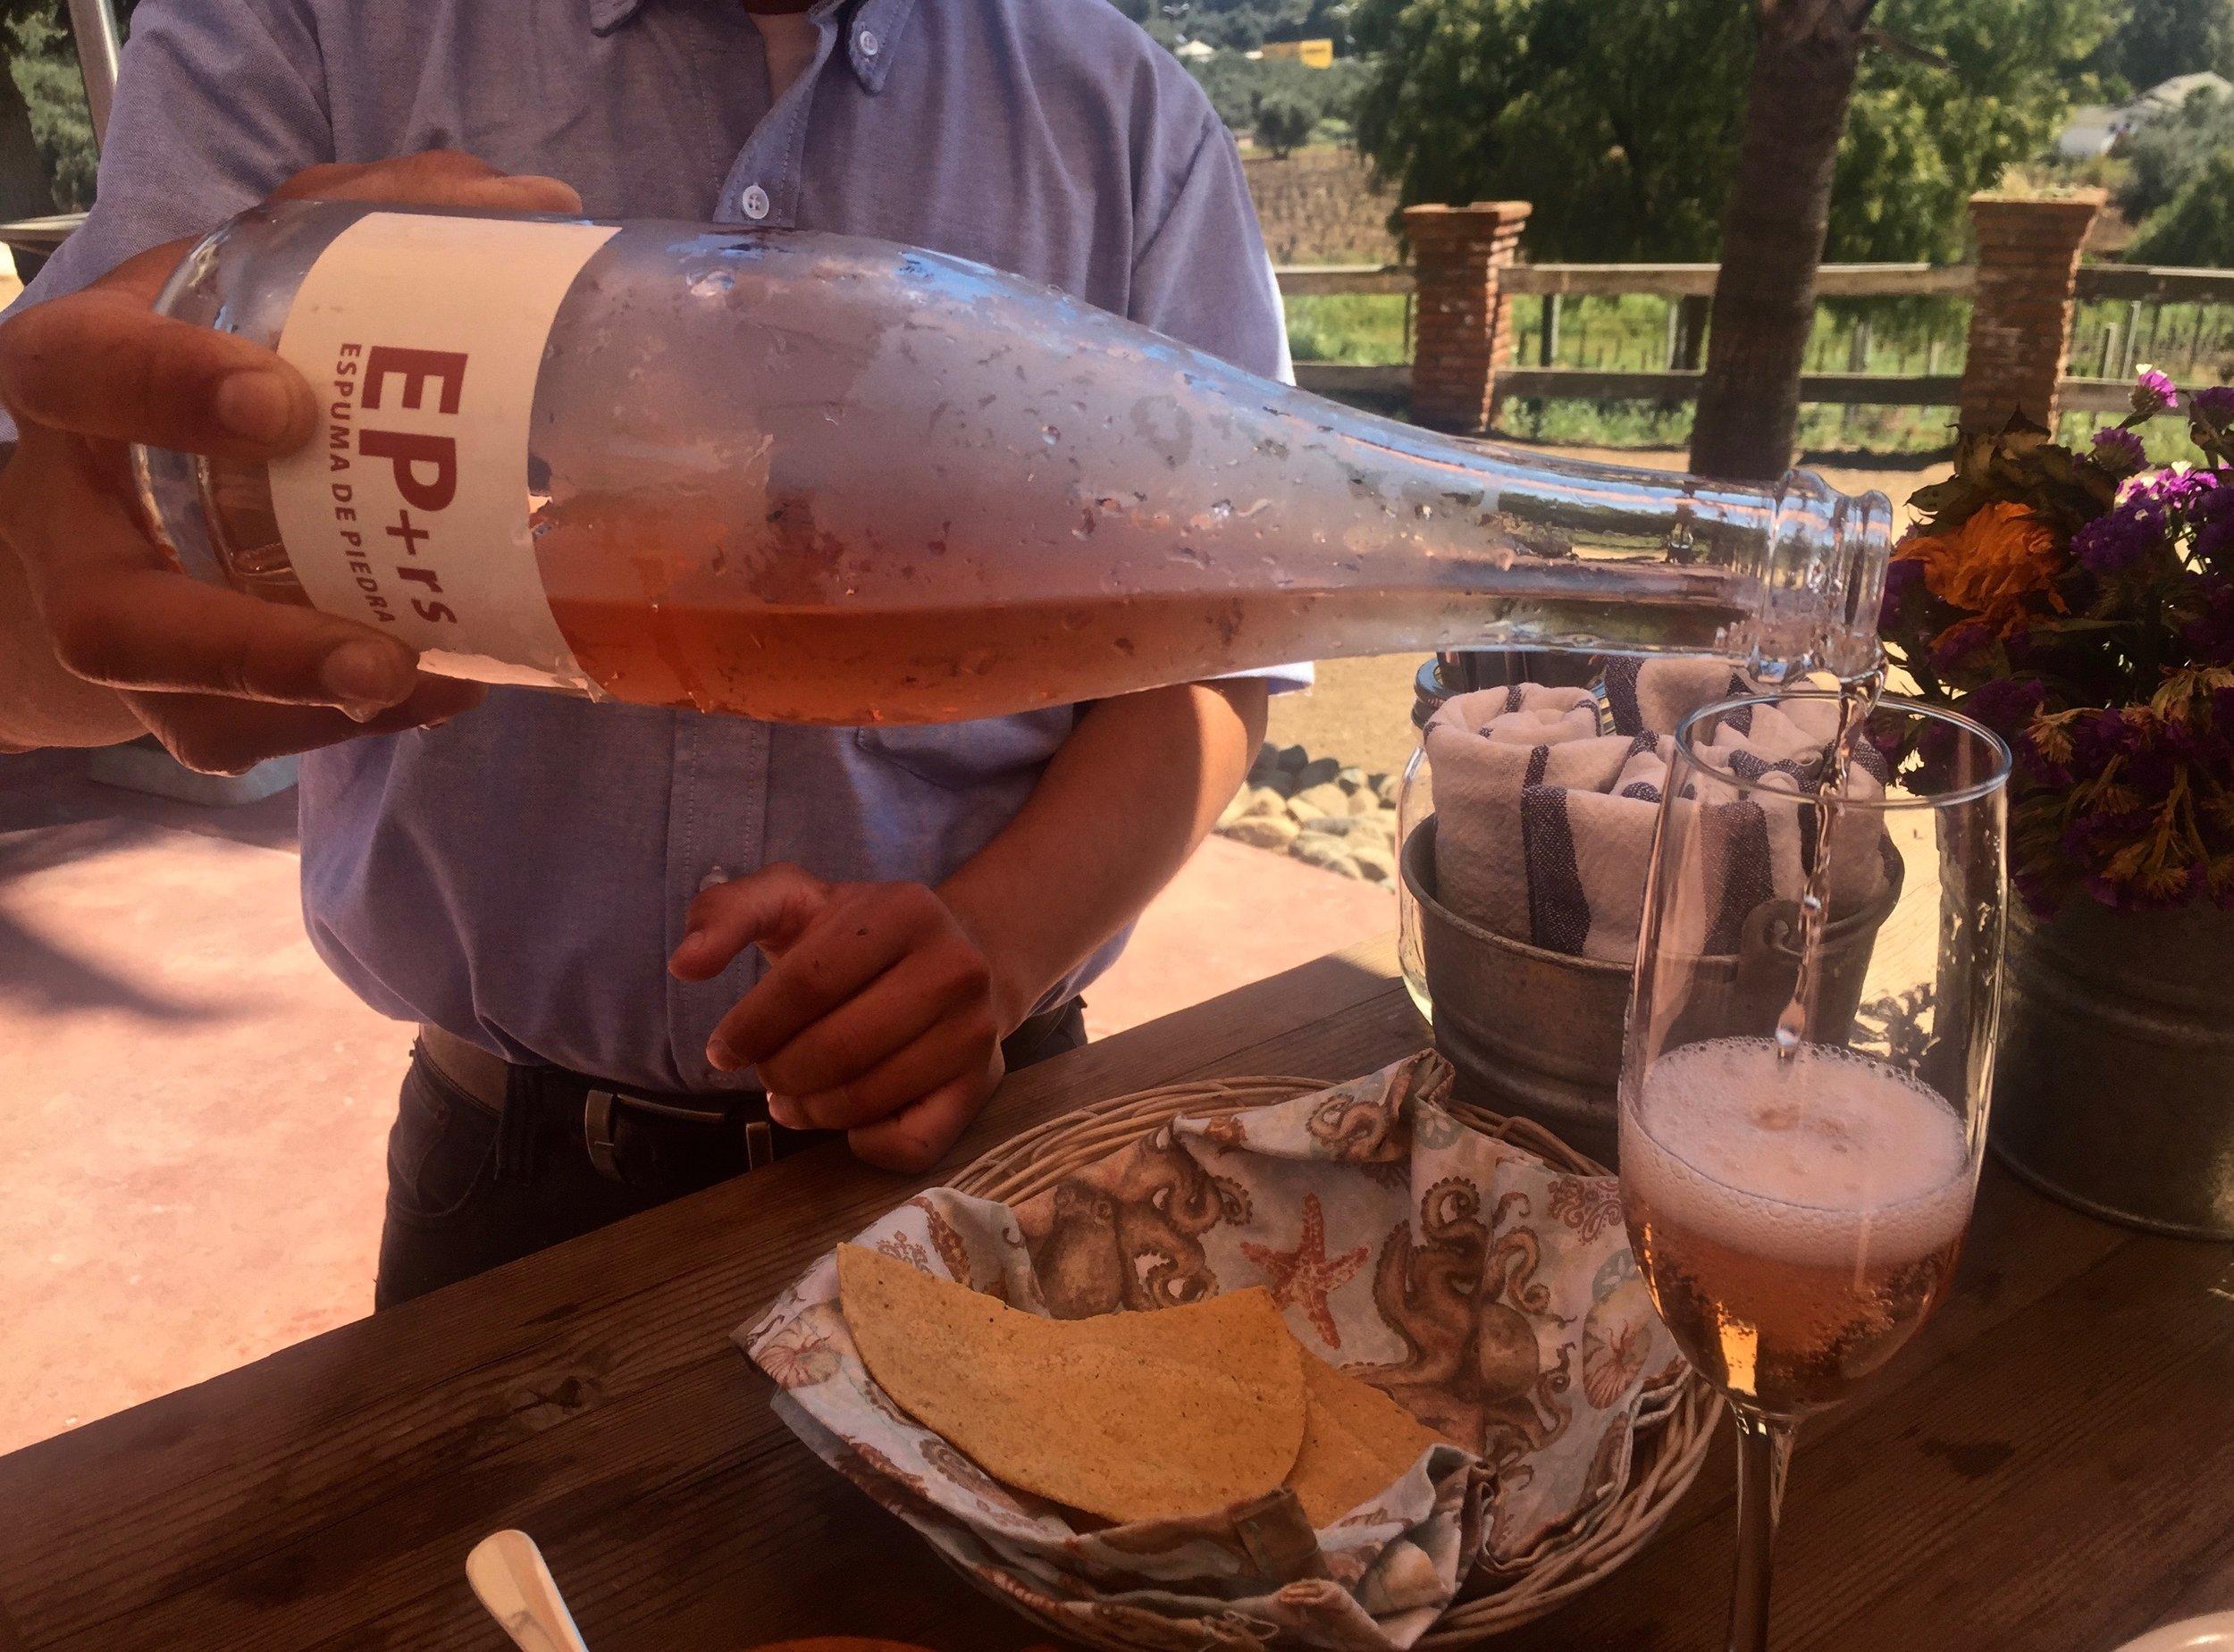 Casa de Piedra: Espuma de Piedra, sparkling wine and oyster bar. Photo by Gabriel Manzo.